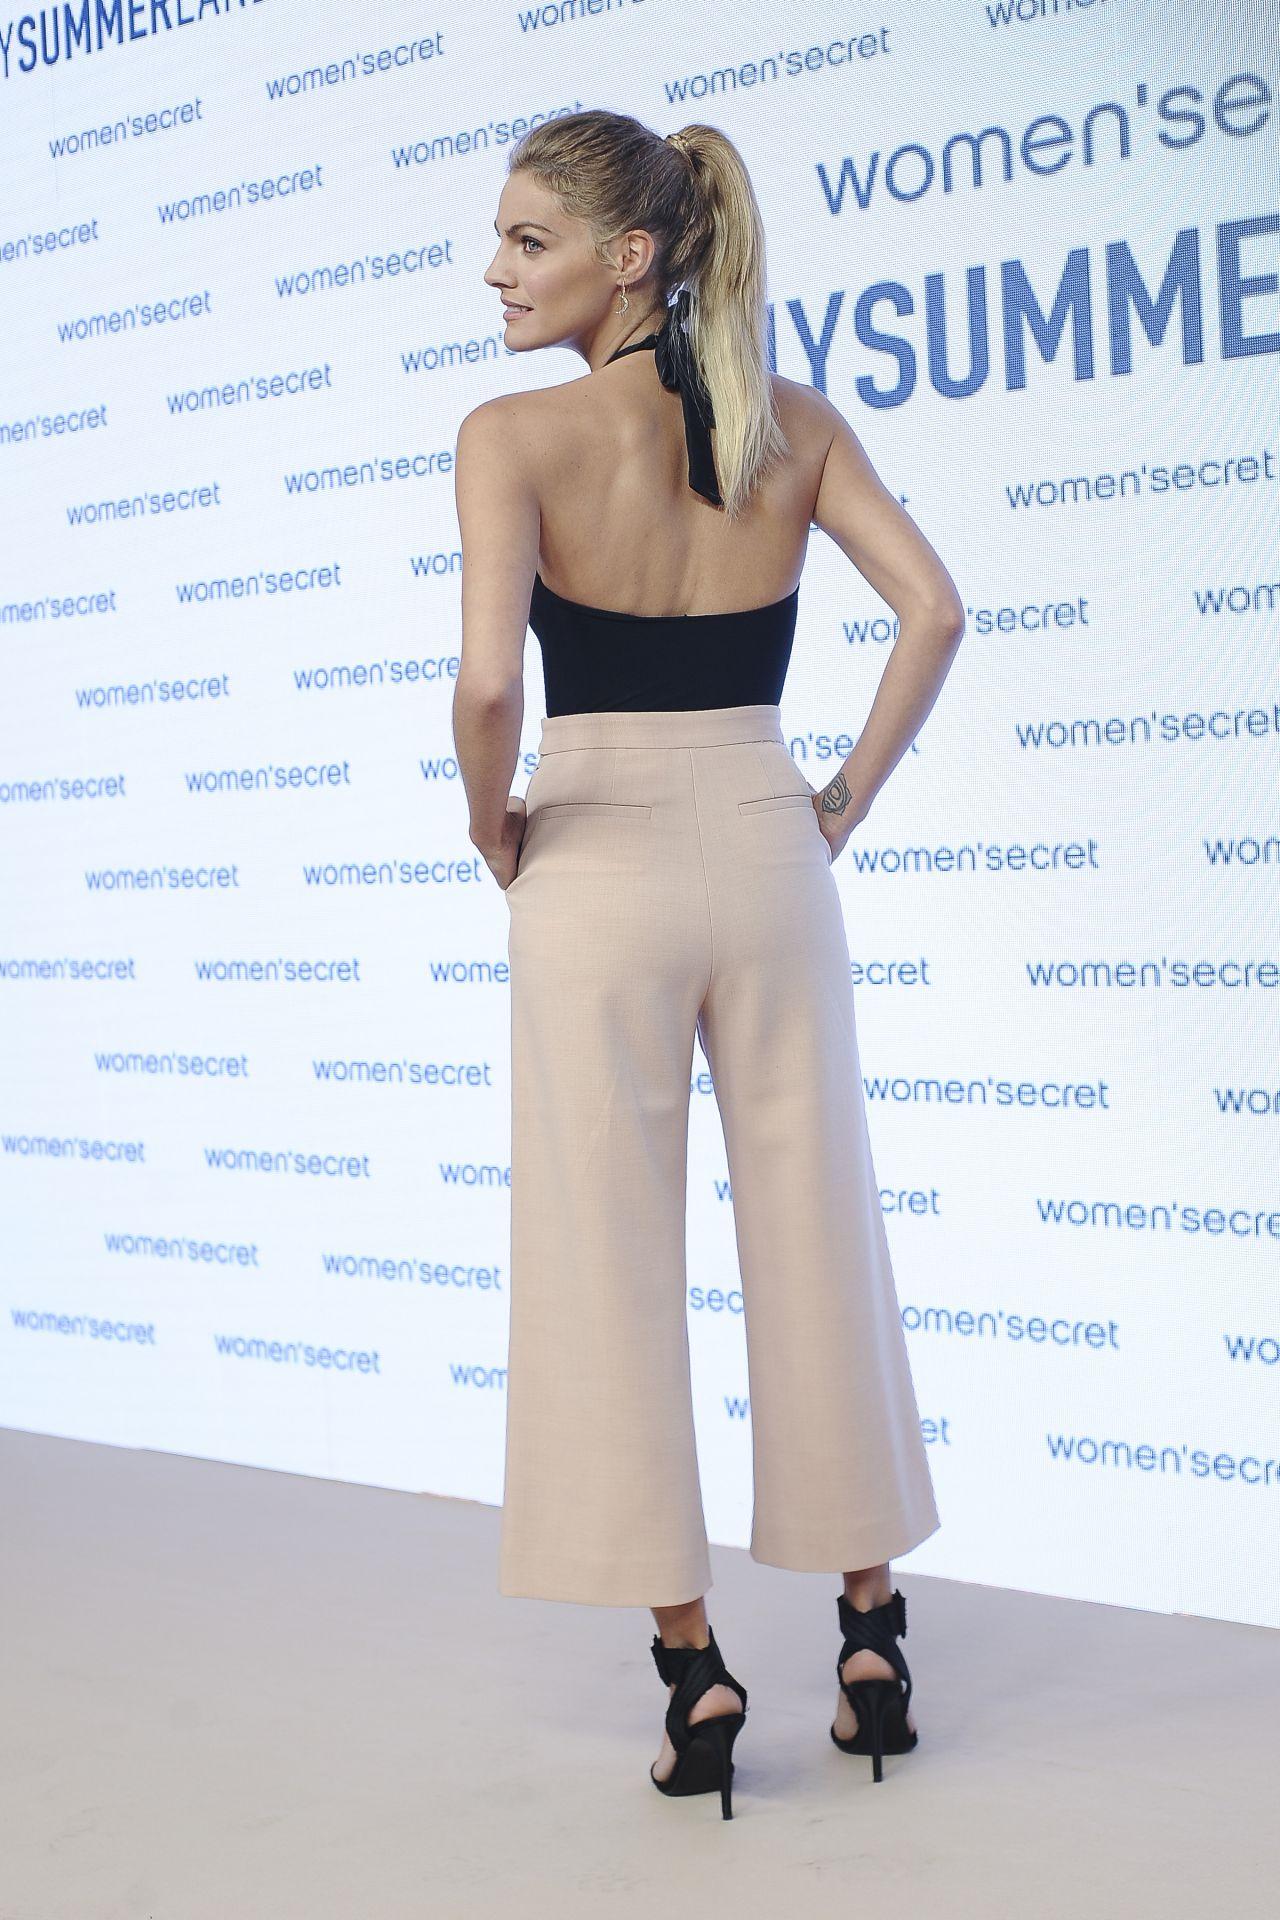 Kim Kardashian Nude. 2018-2019 celebrityes photos leaks! pics